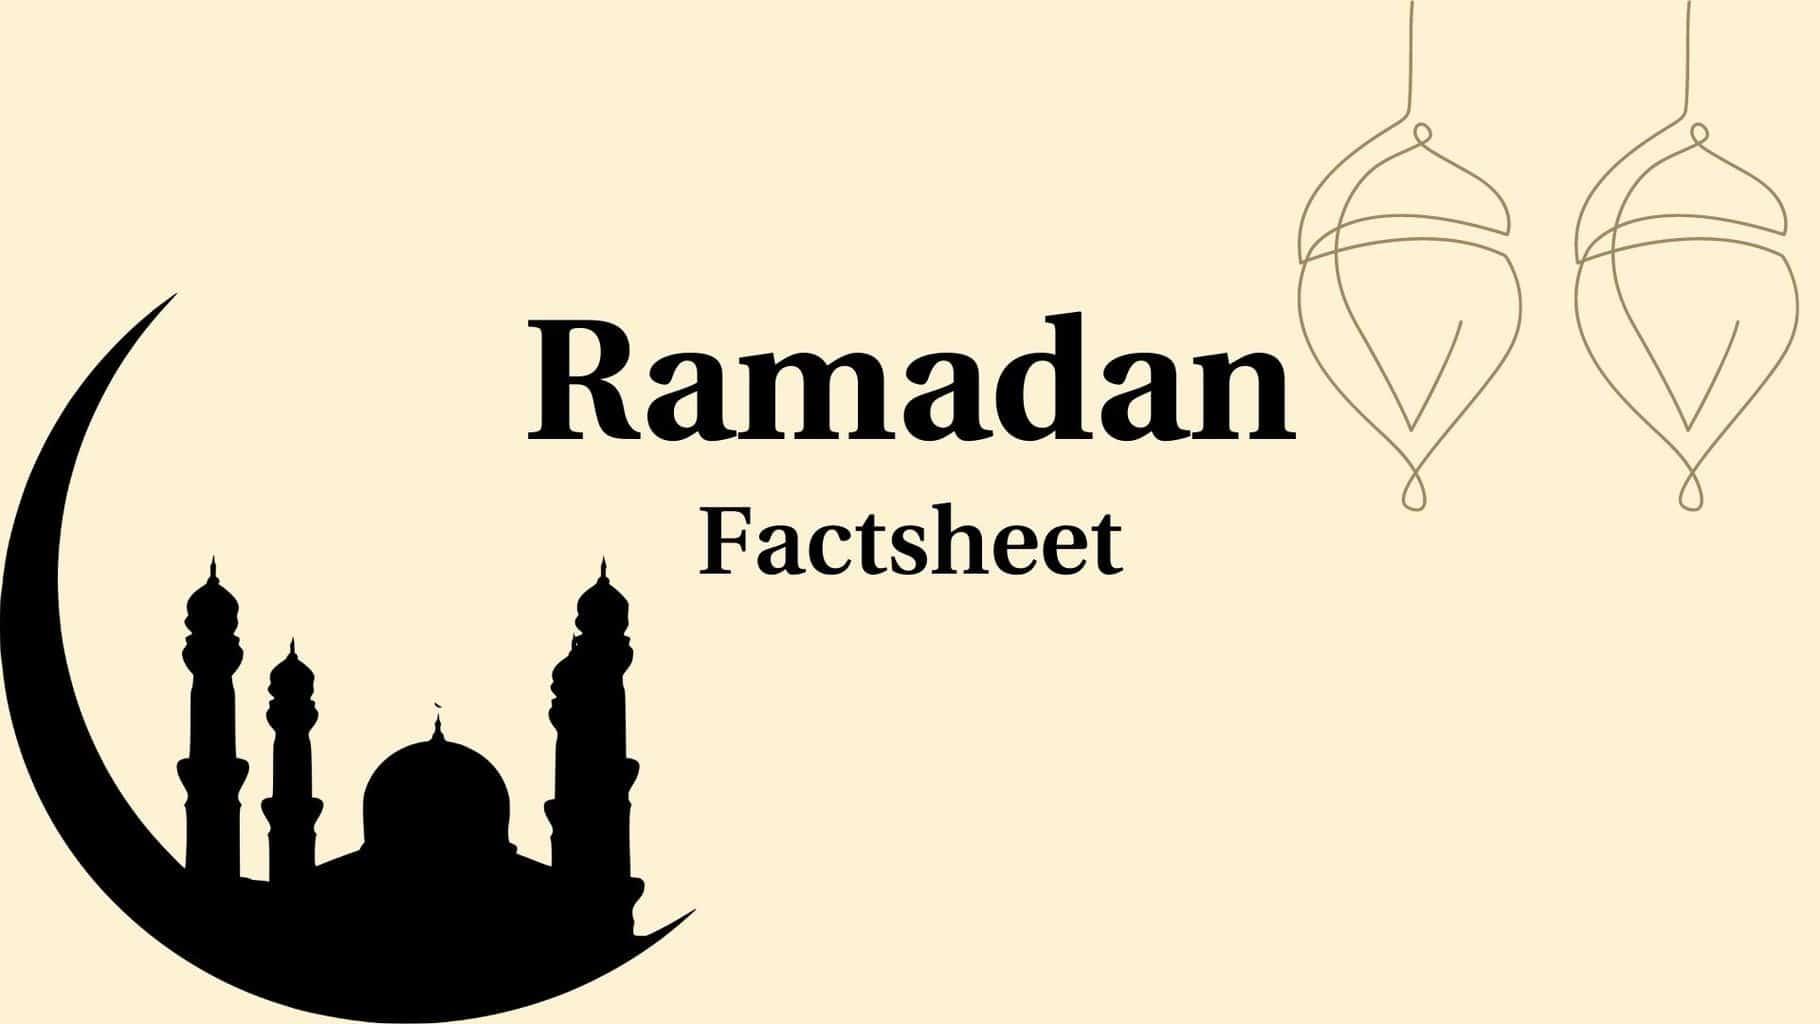 Ramadan-Factsheet